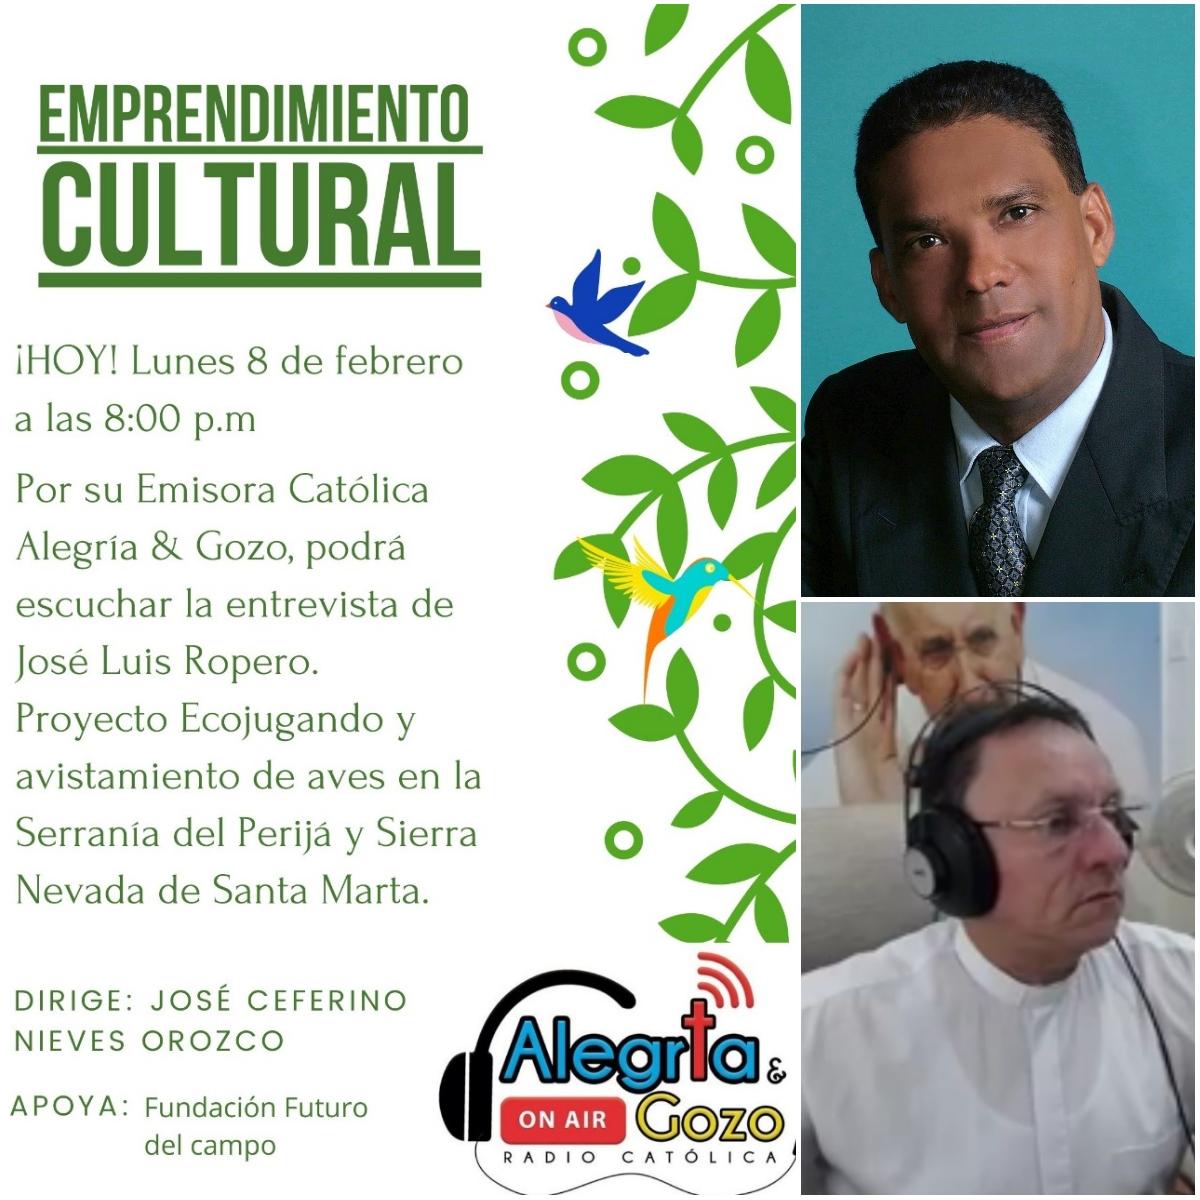 Radio alegria y gozo padre jose Enrique muñoz